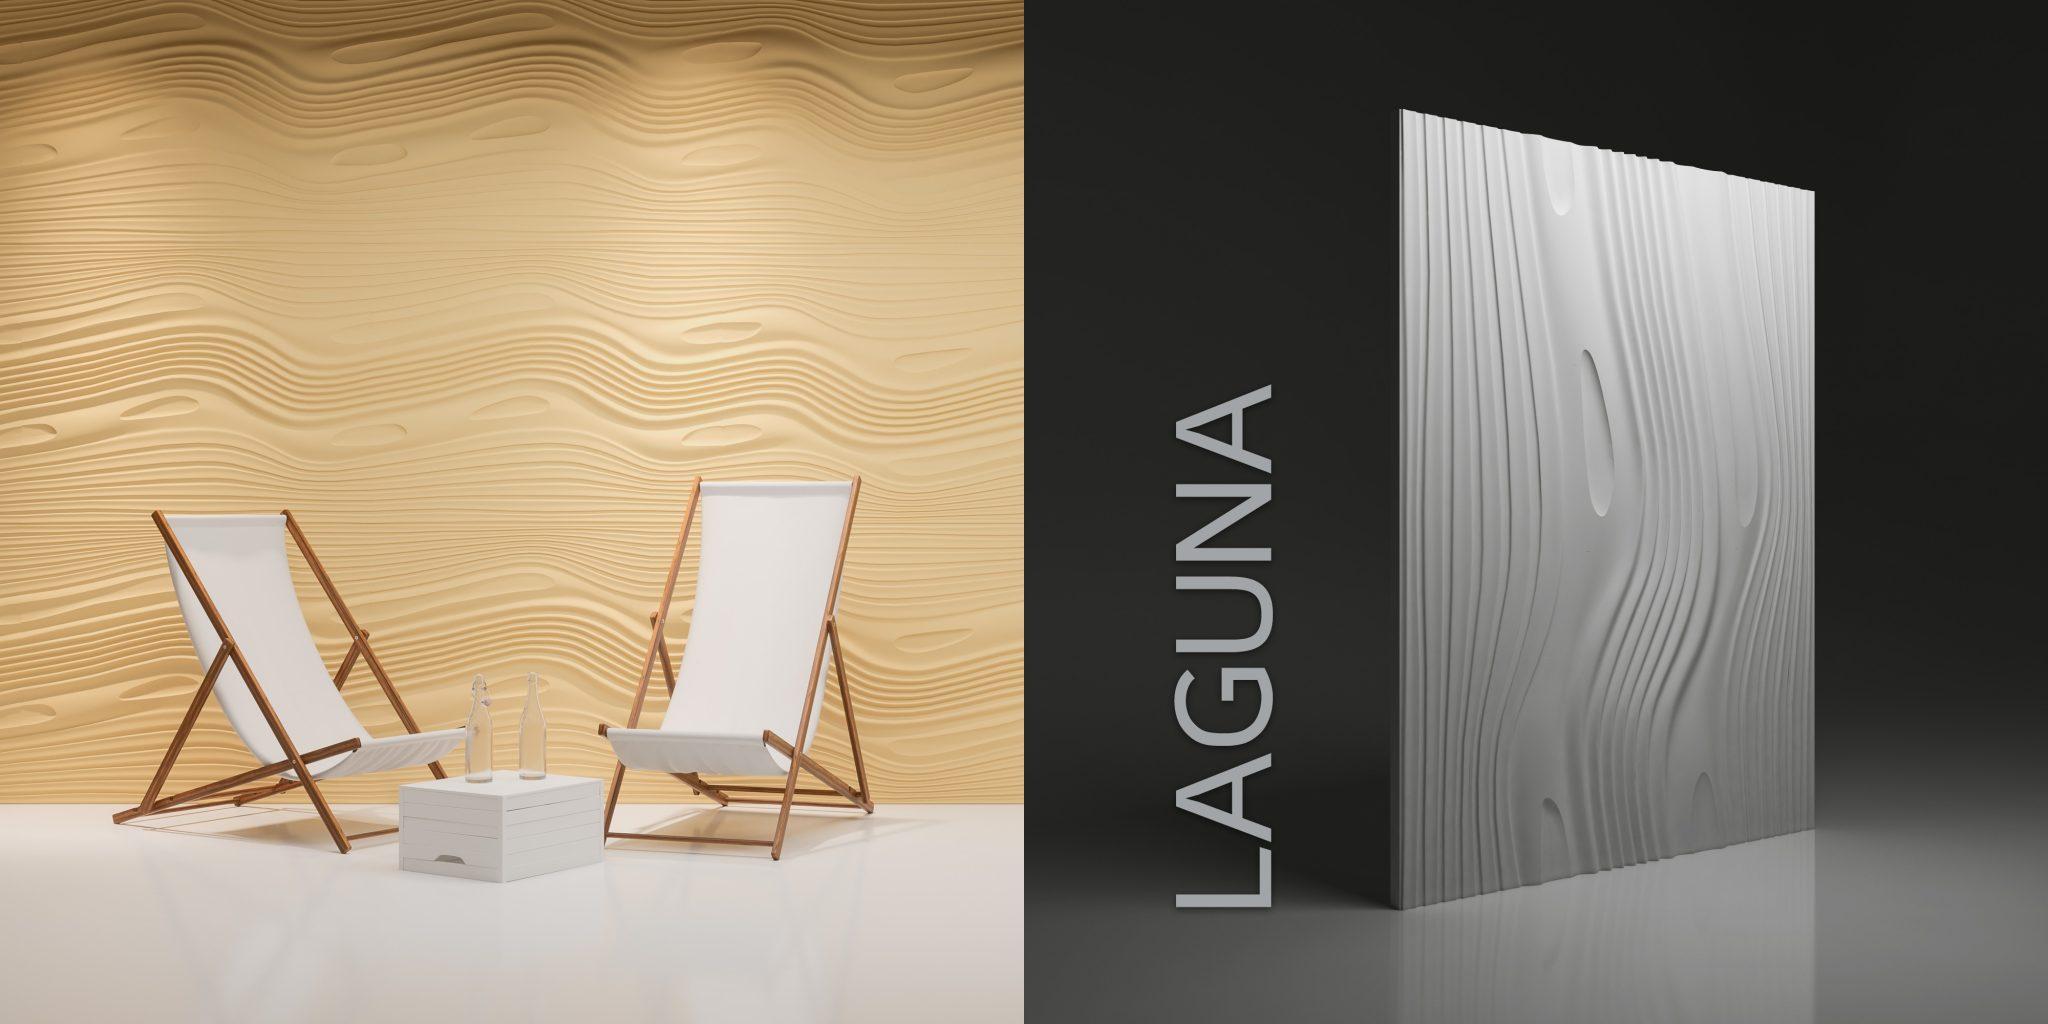 Wzór Laguna - wizualizacja katalogowa + render